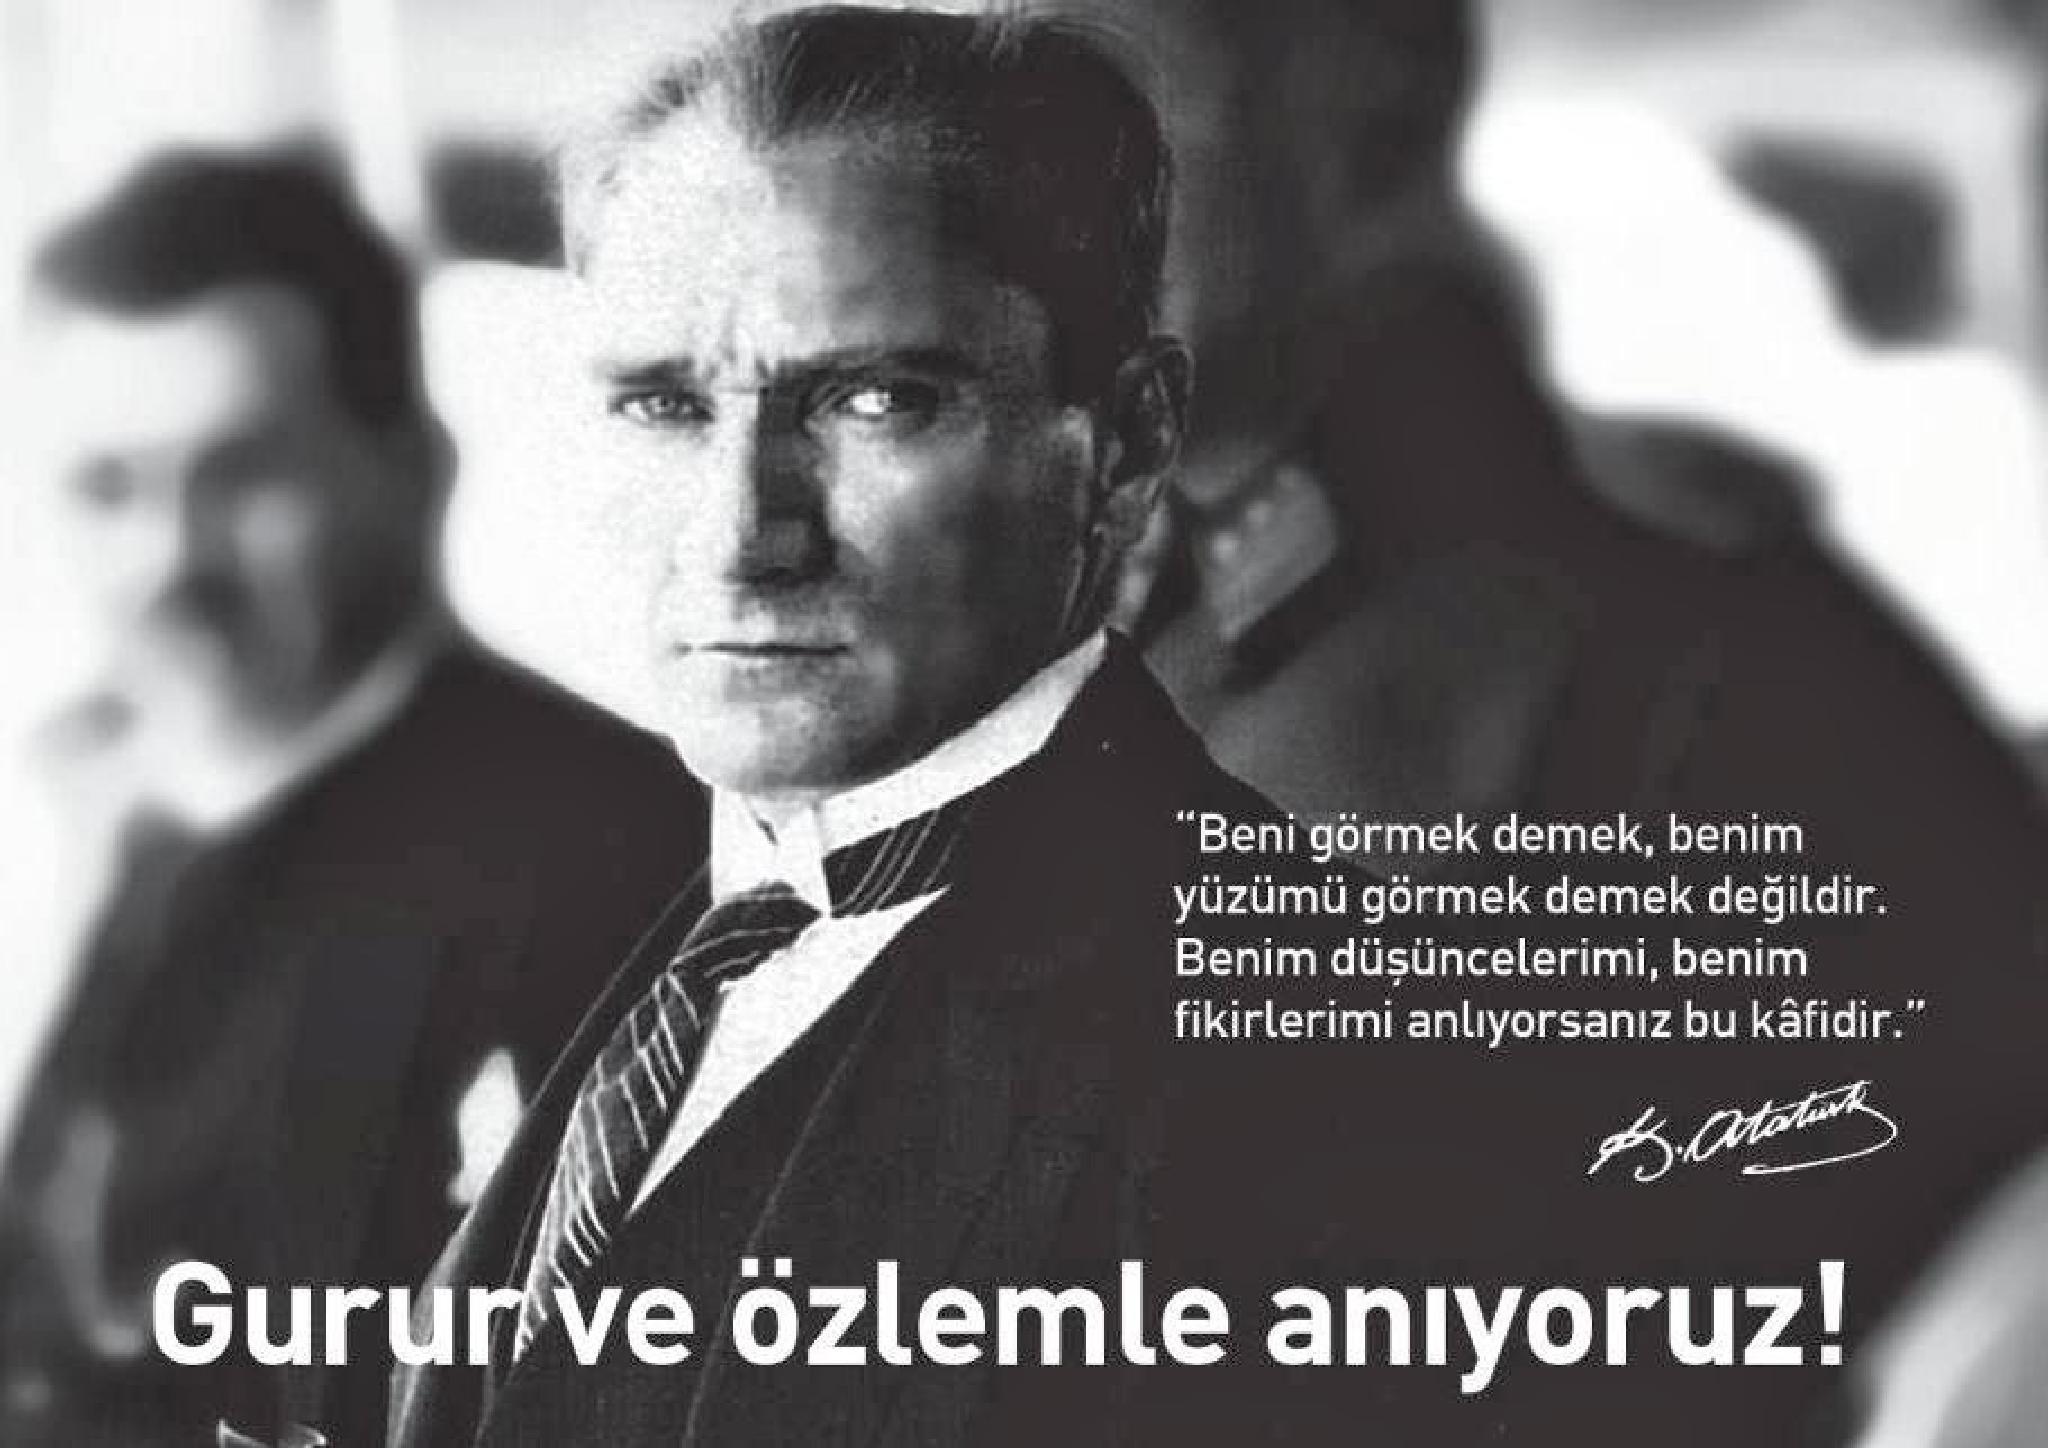 Mustafa Kemal Atatürk by Selvi Gizem Birmo